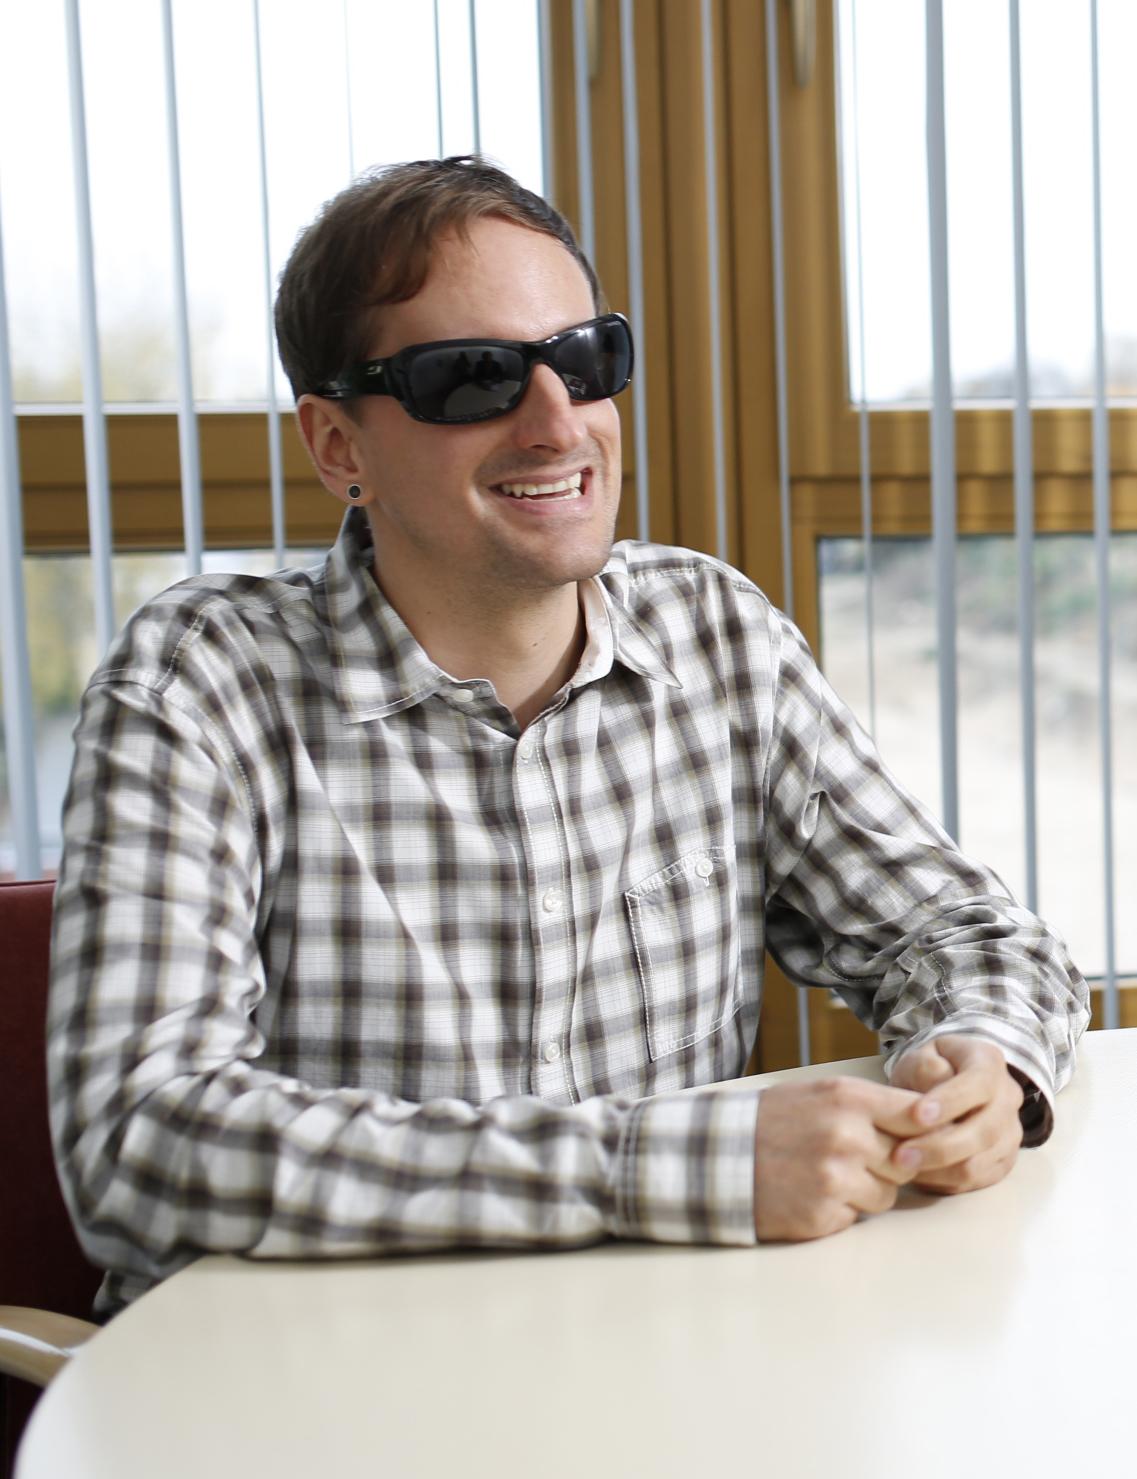 Dein E-Scooter macht blinden Menschen das Leben unnötig schwer